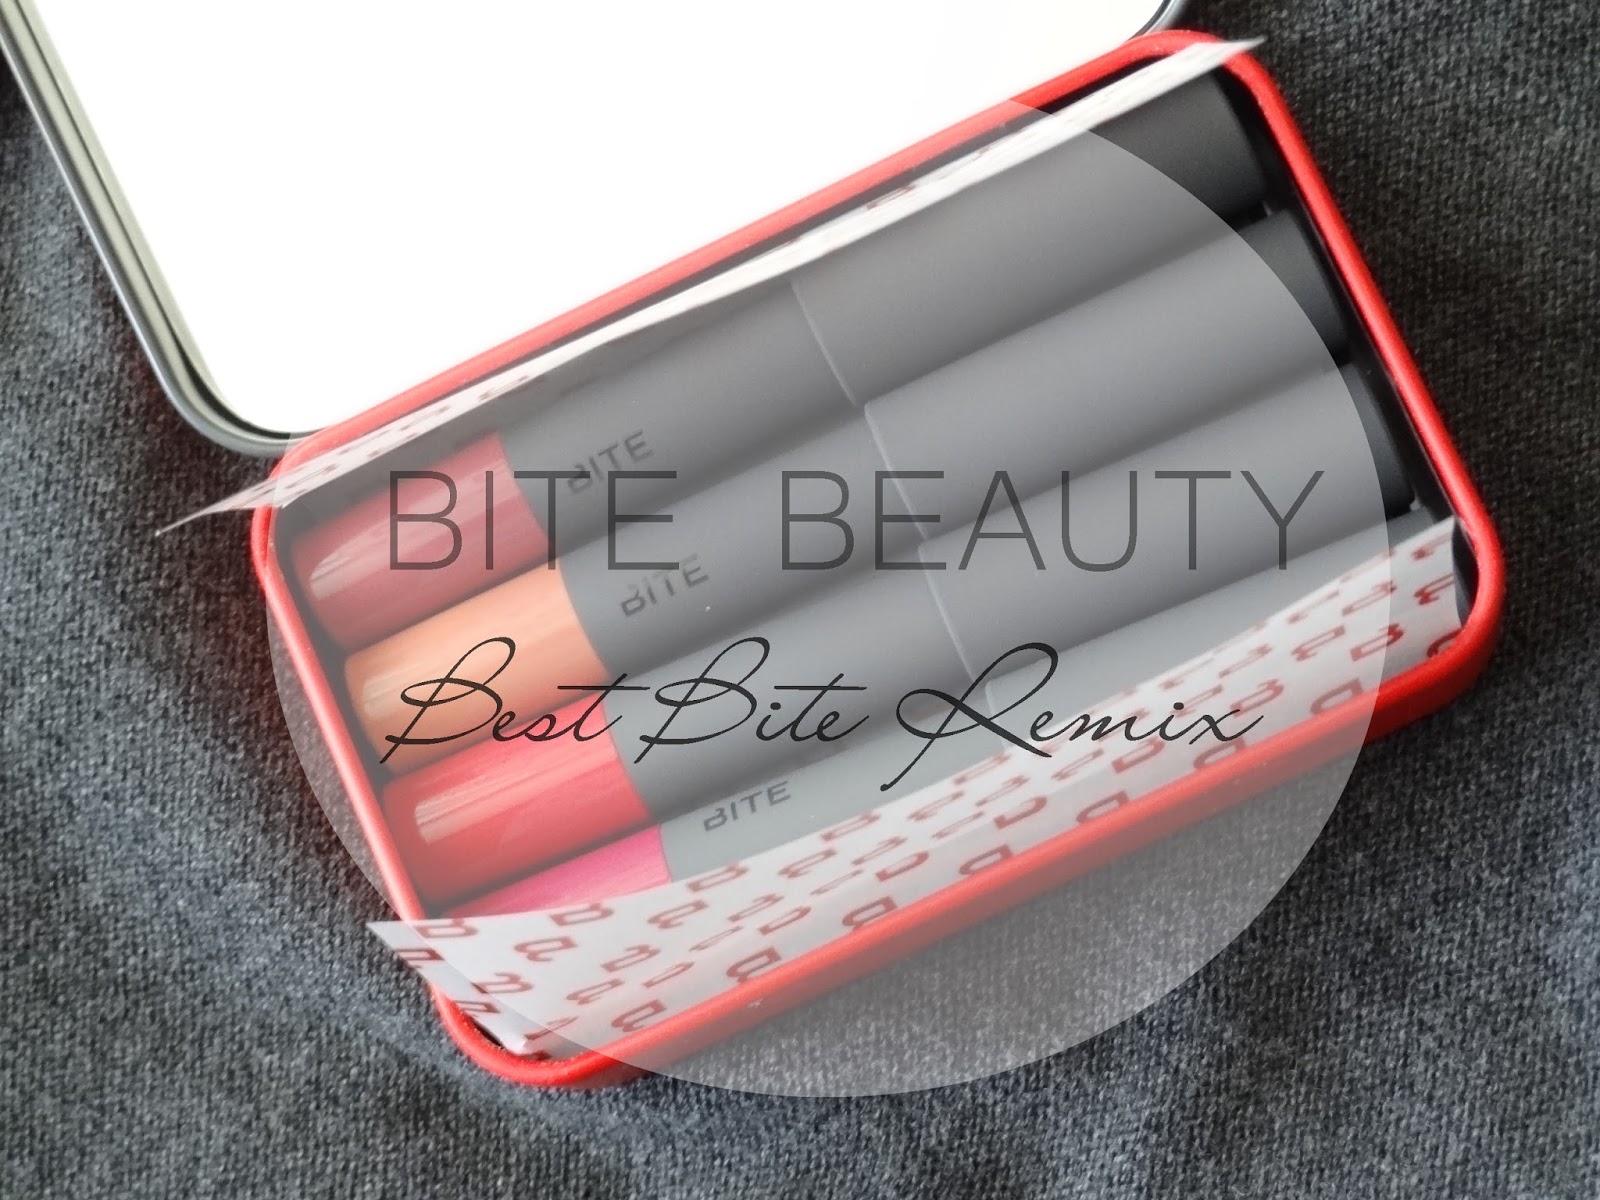 Bite Beauty Best Bite Beauty Remix Kit Holiday 2014